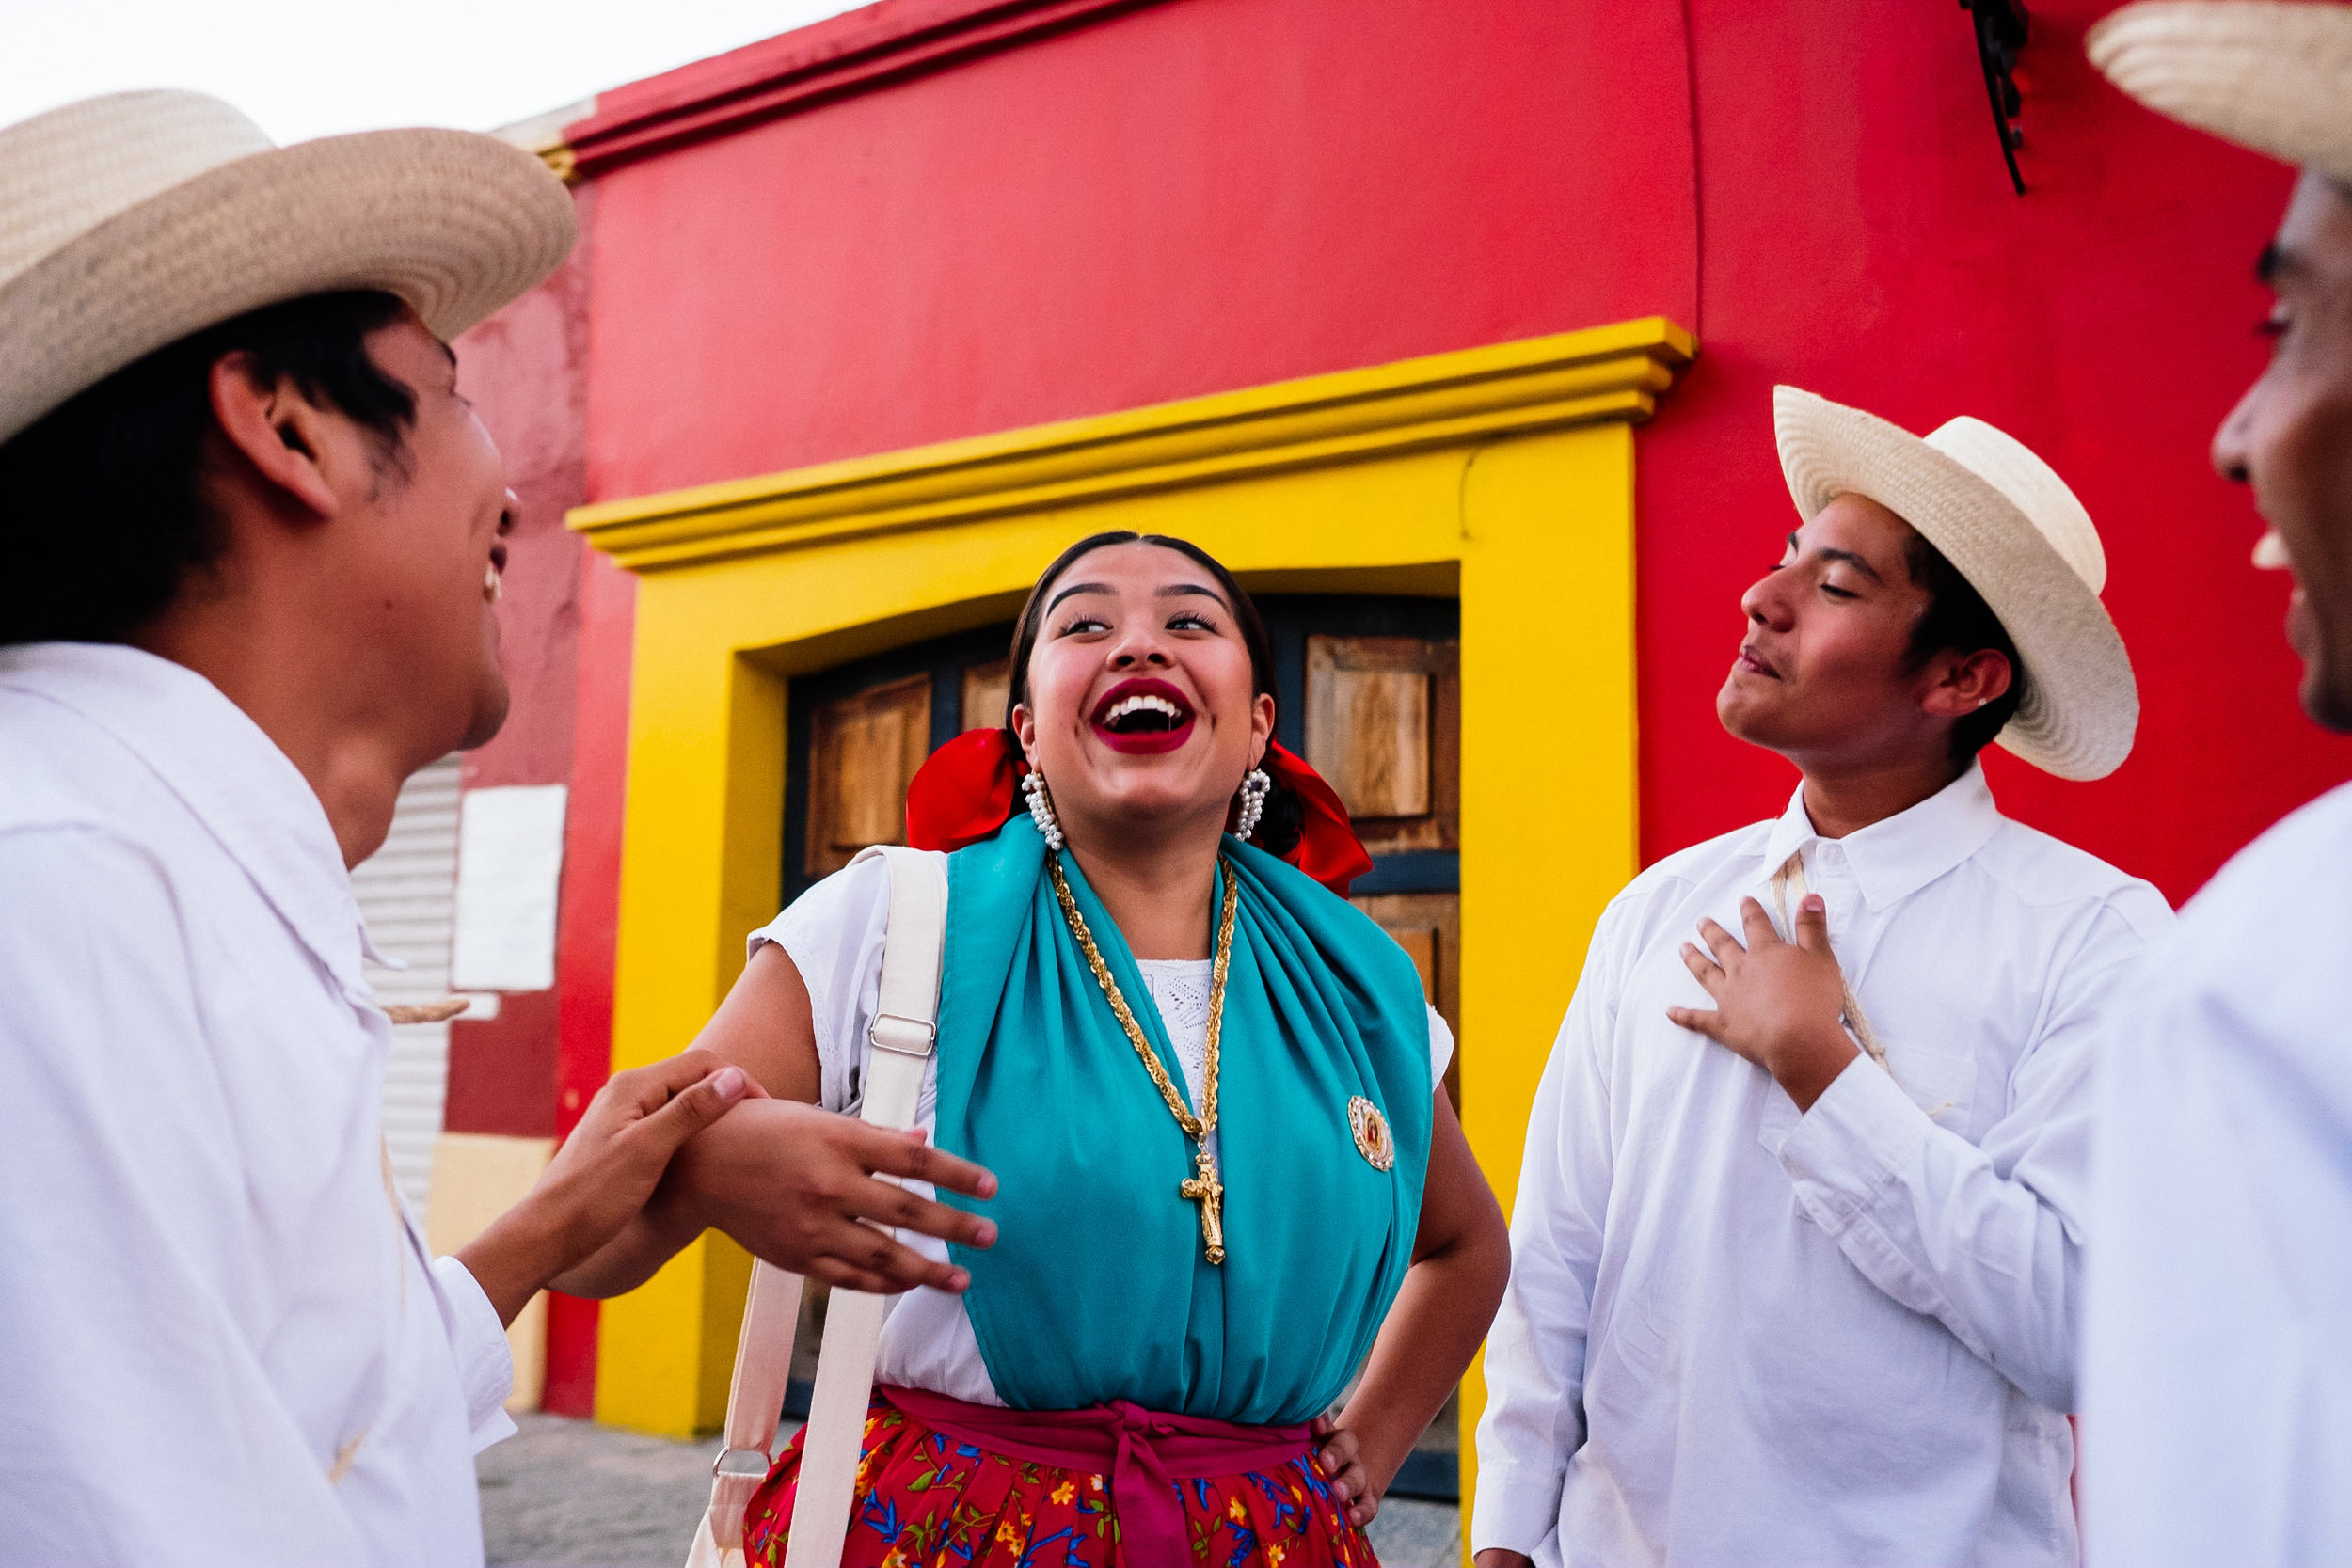 Muestra de Carnivales_Others-14.jpg